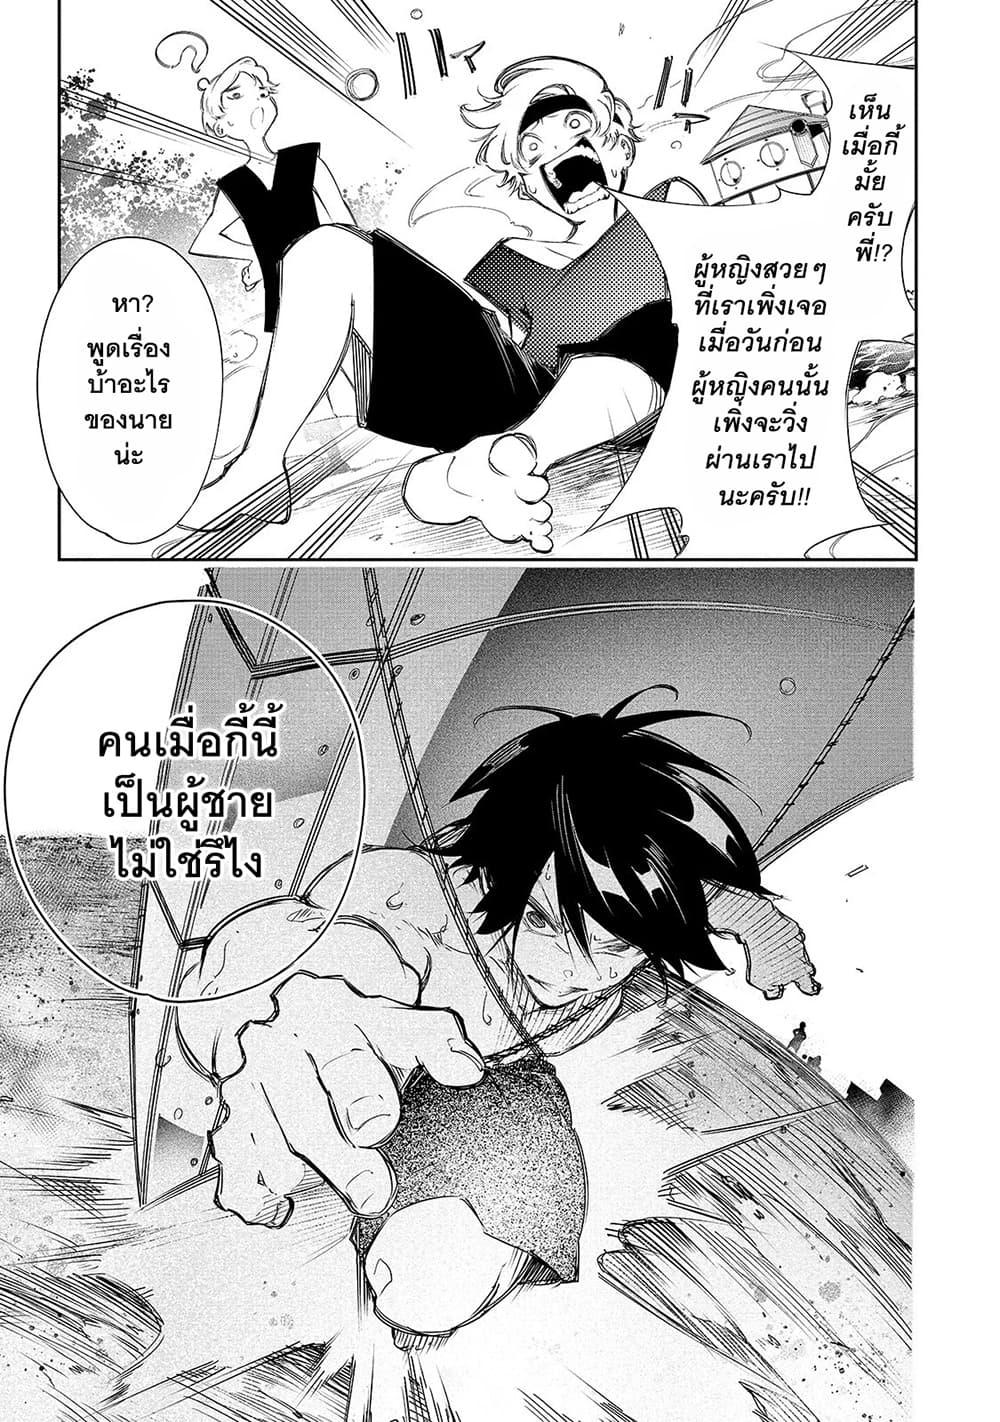 อ่านการ์ตูน Saikyou no Shien-shoku Wajutsushi Dearu Ore wa Sekai Saikyou Kuran o Shitagaeru ตอนที่ 9 หน้าที่ 4